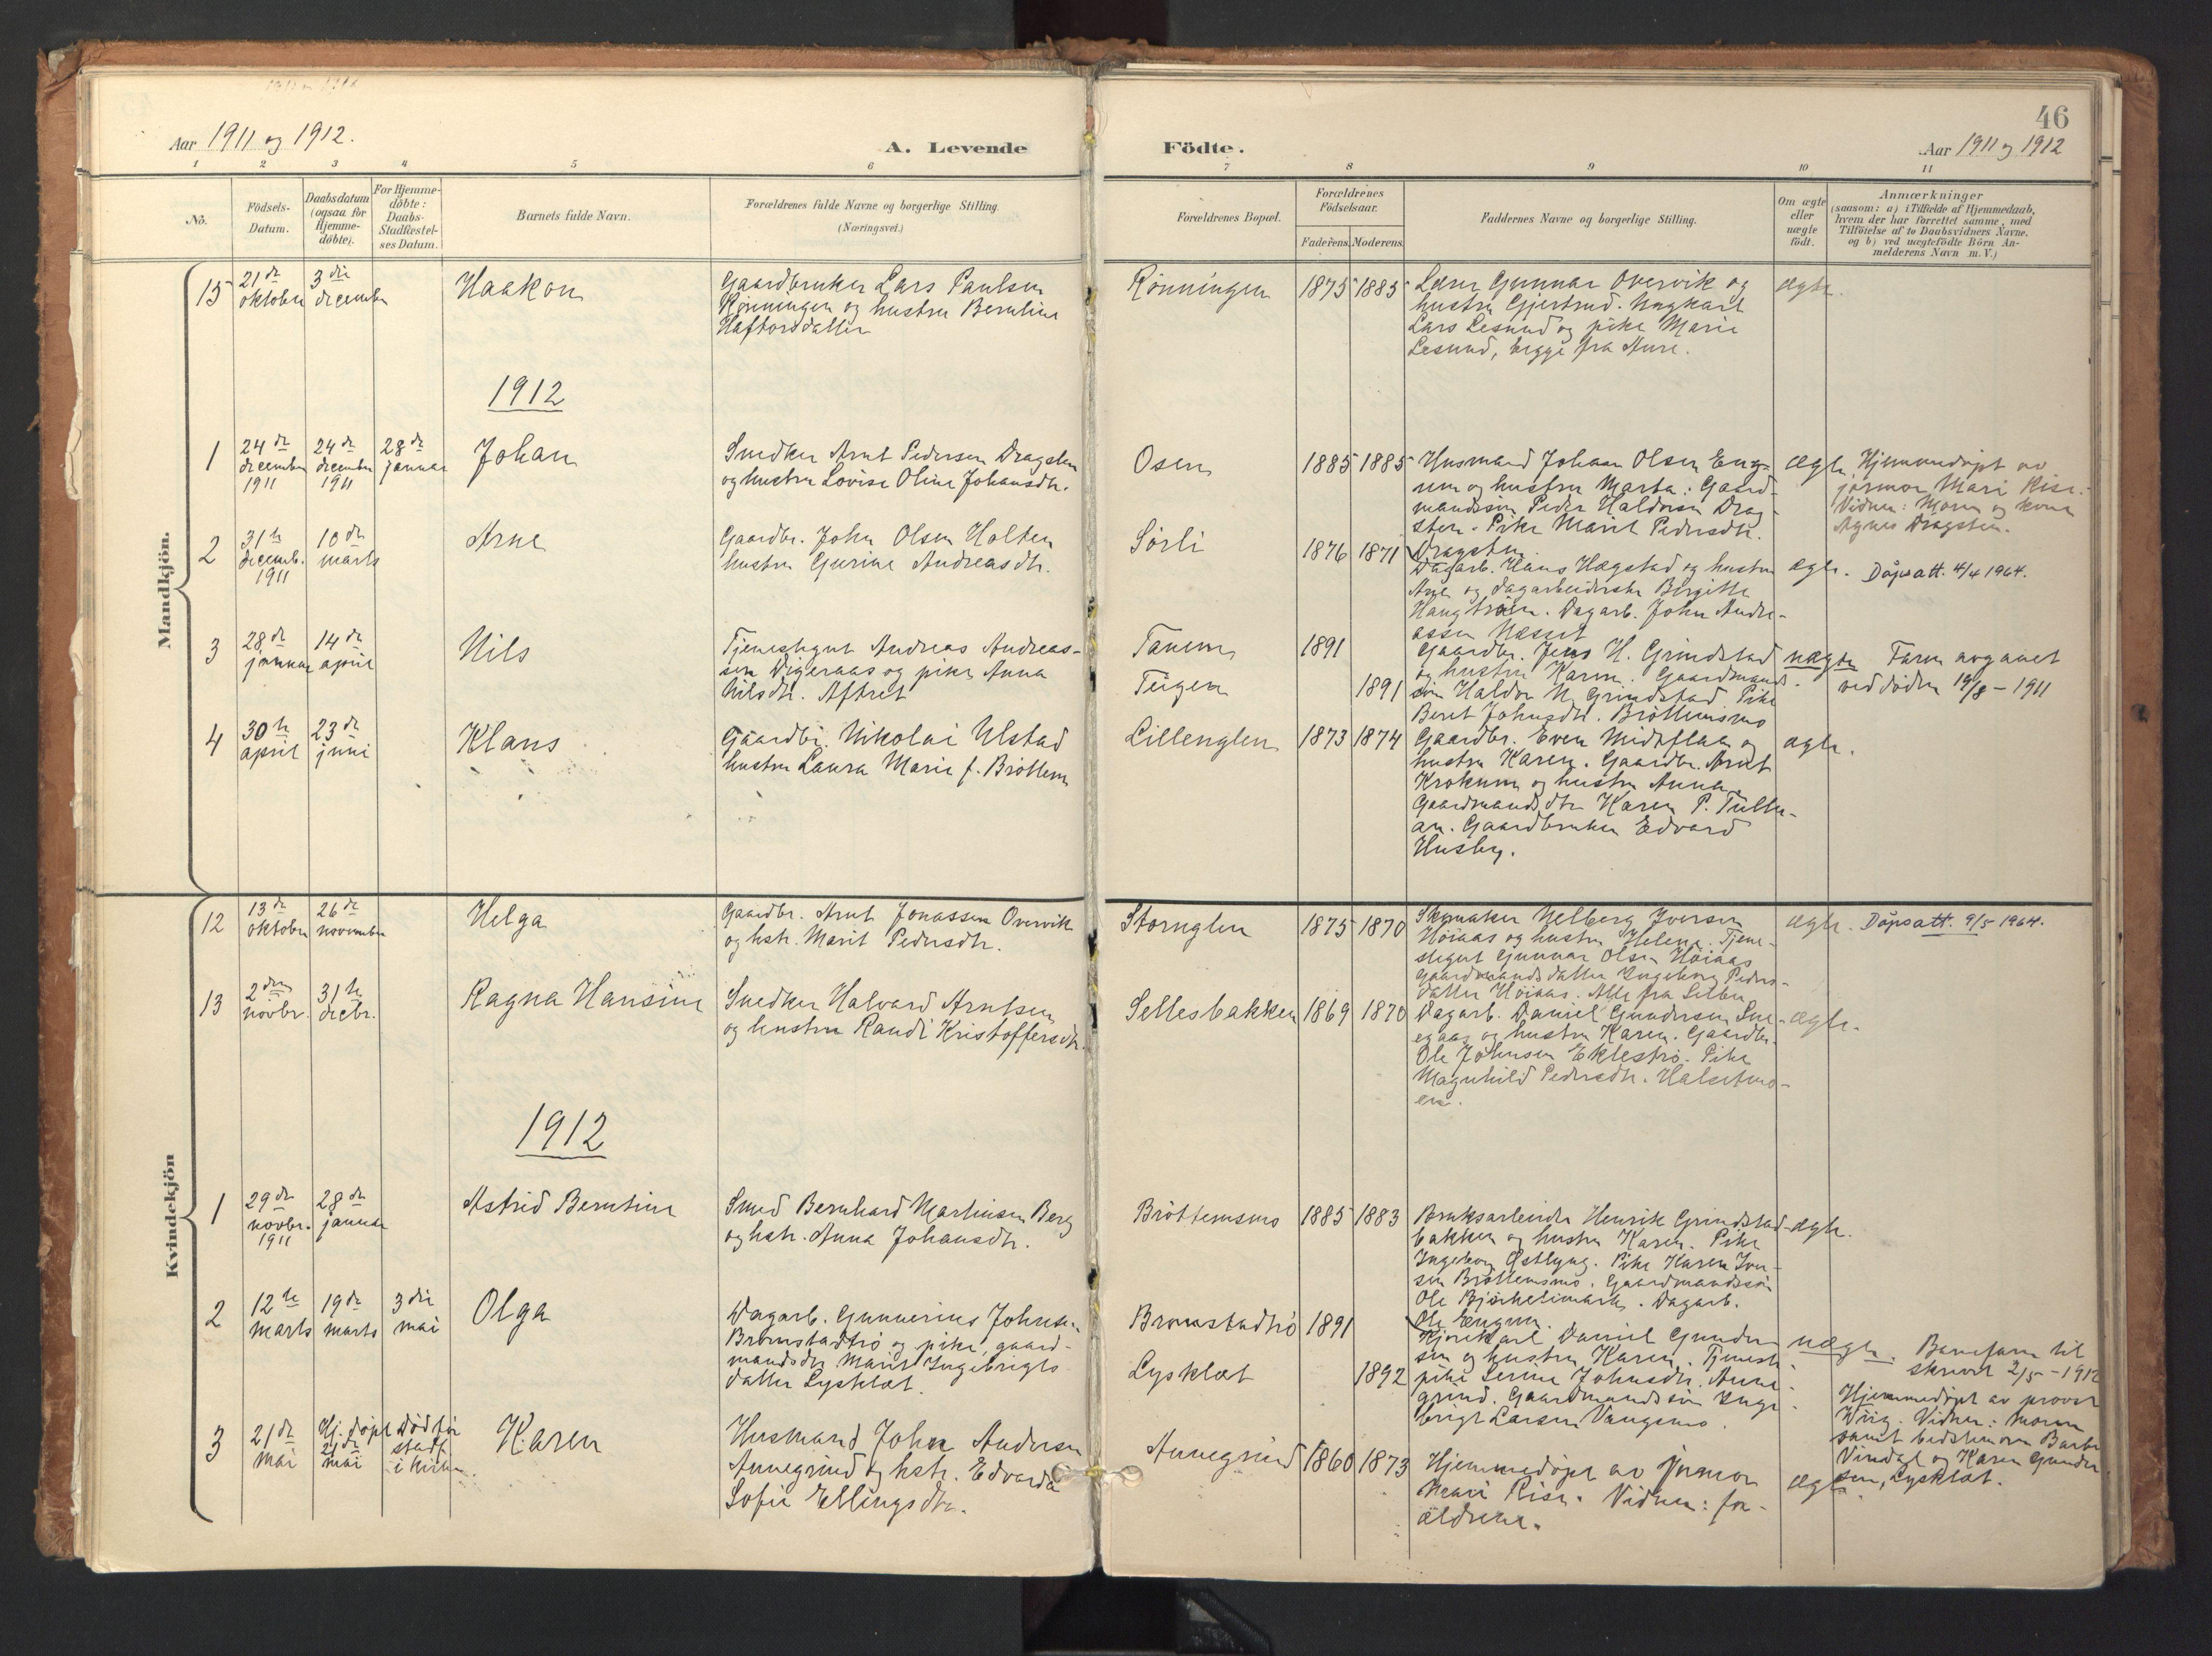 SAT, Ministerialprotokoller, klokkerbøker og fødselsregistre - Sør-Trøndelag, 618/L0448: Ministerialbok nr. 618A11, 1898-1916, s. 46